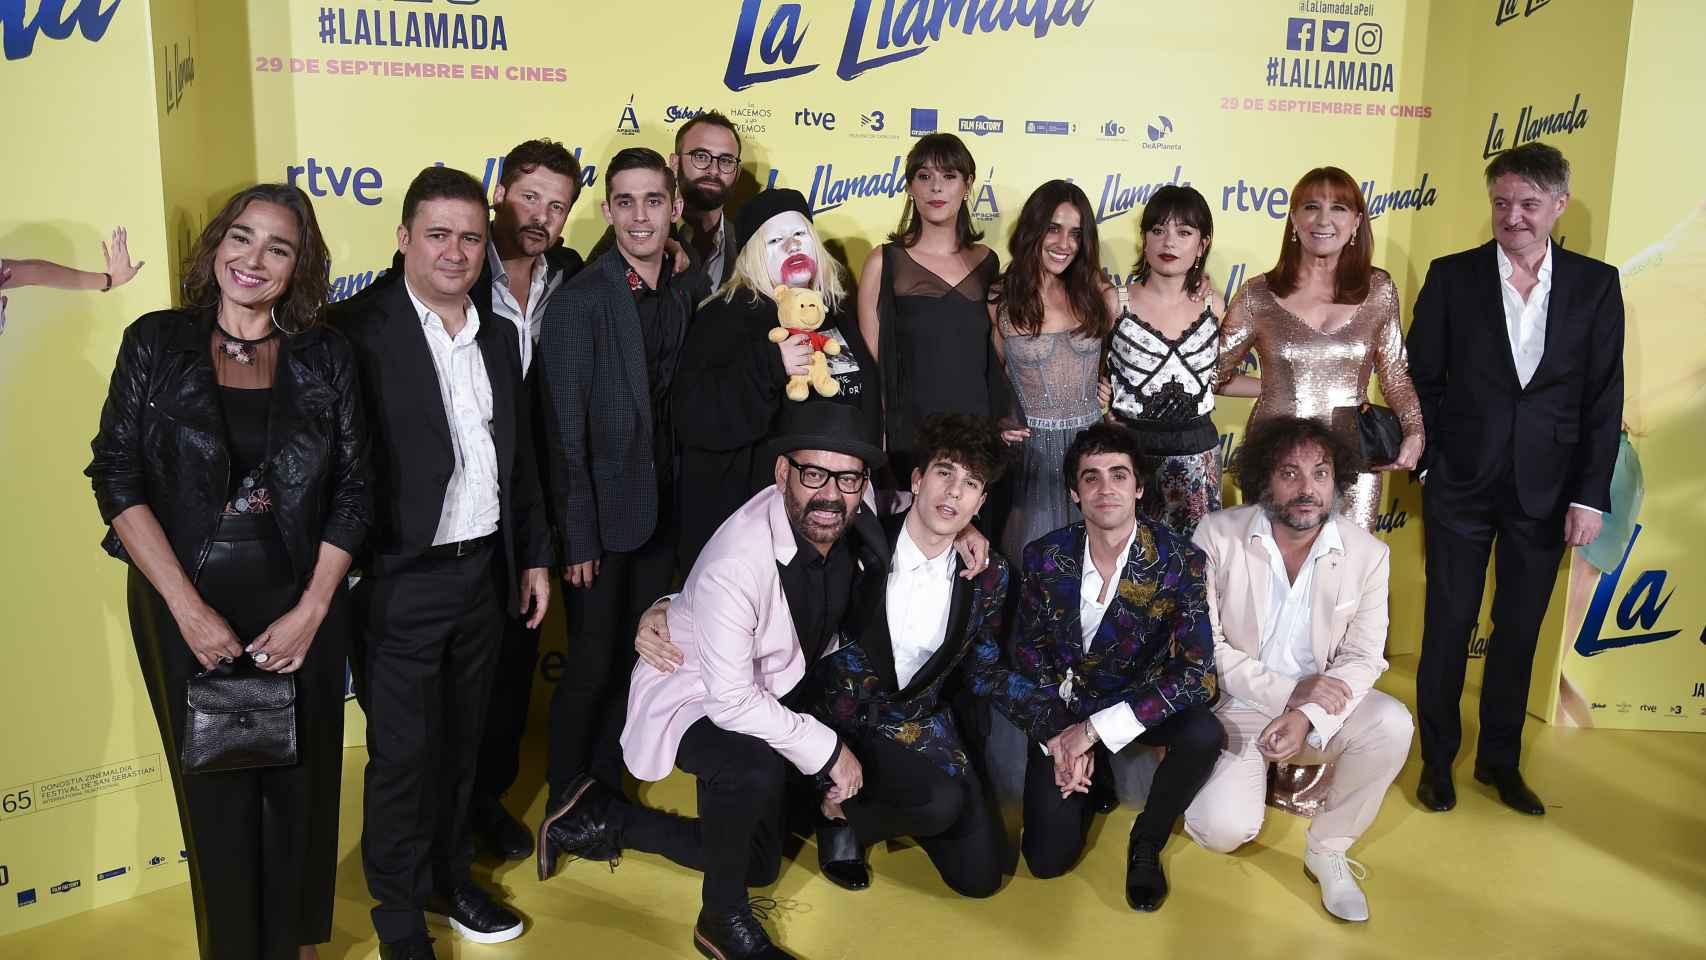 Los asistentes al estreno de la película 'La Llamada'